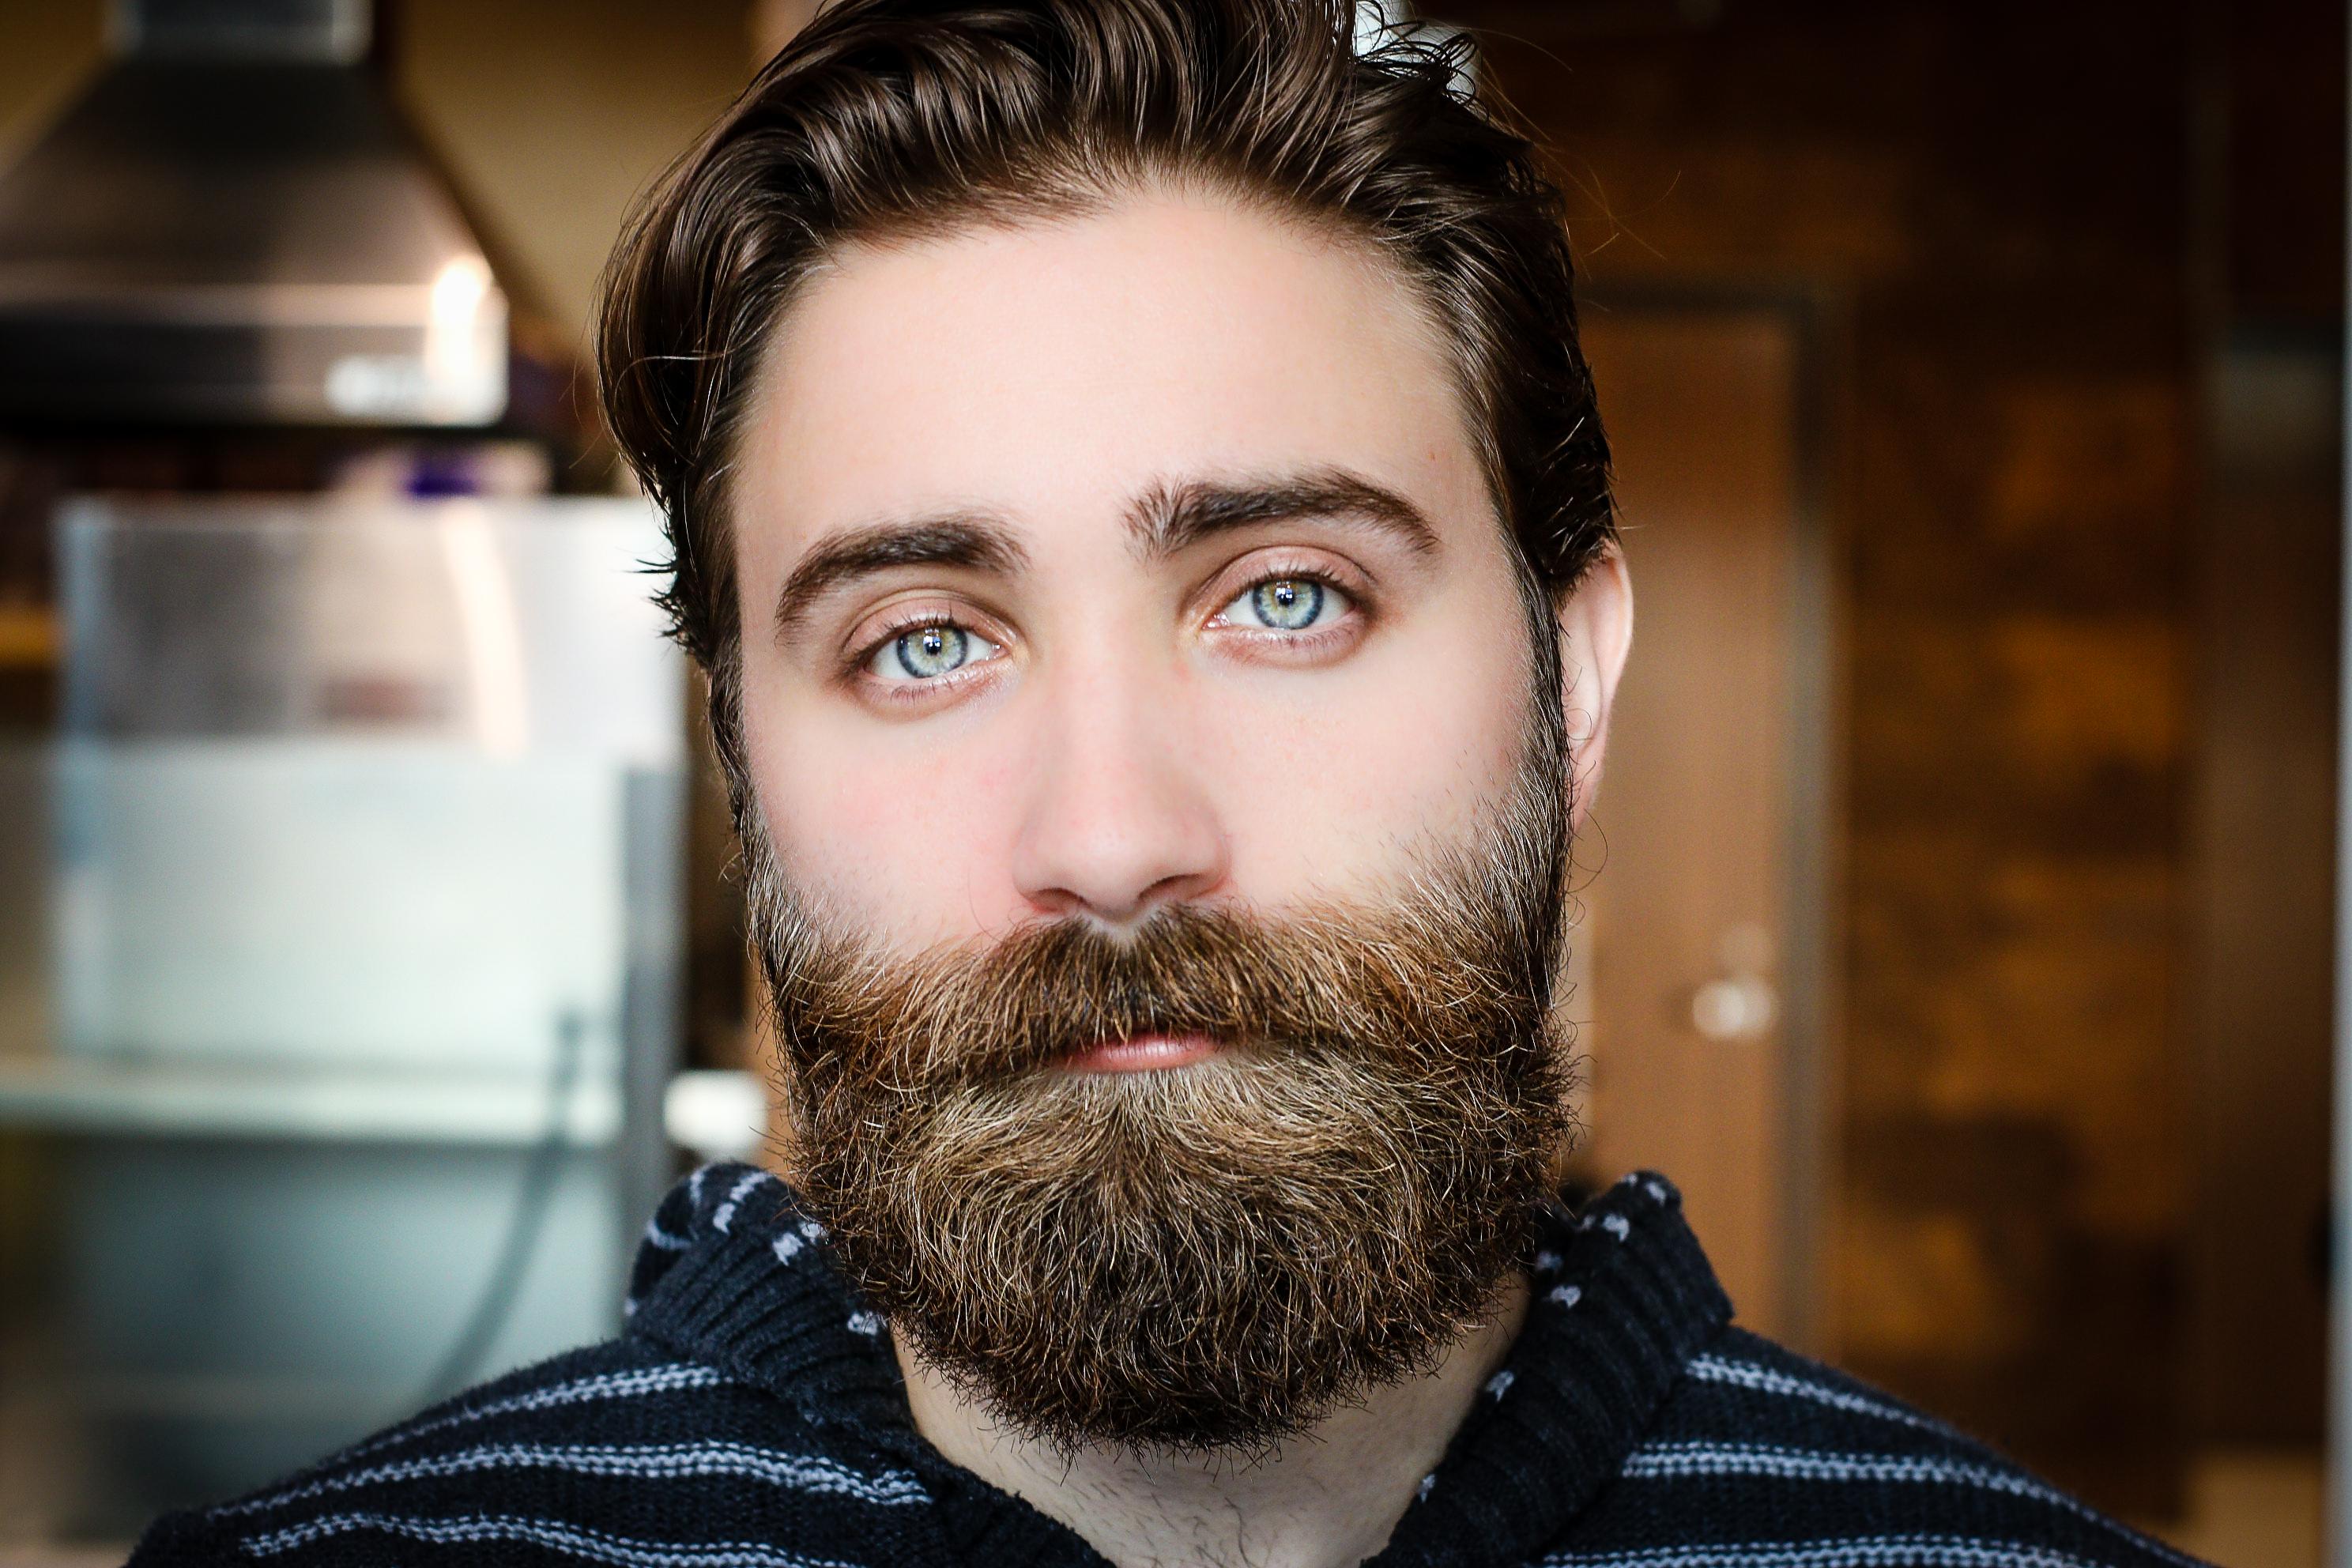 выполнении теста картинки глаза с усами парикмахерских накануне нового